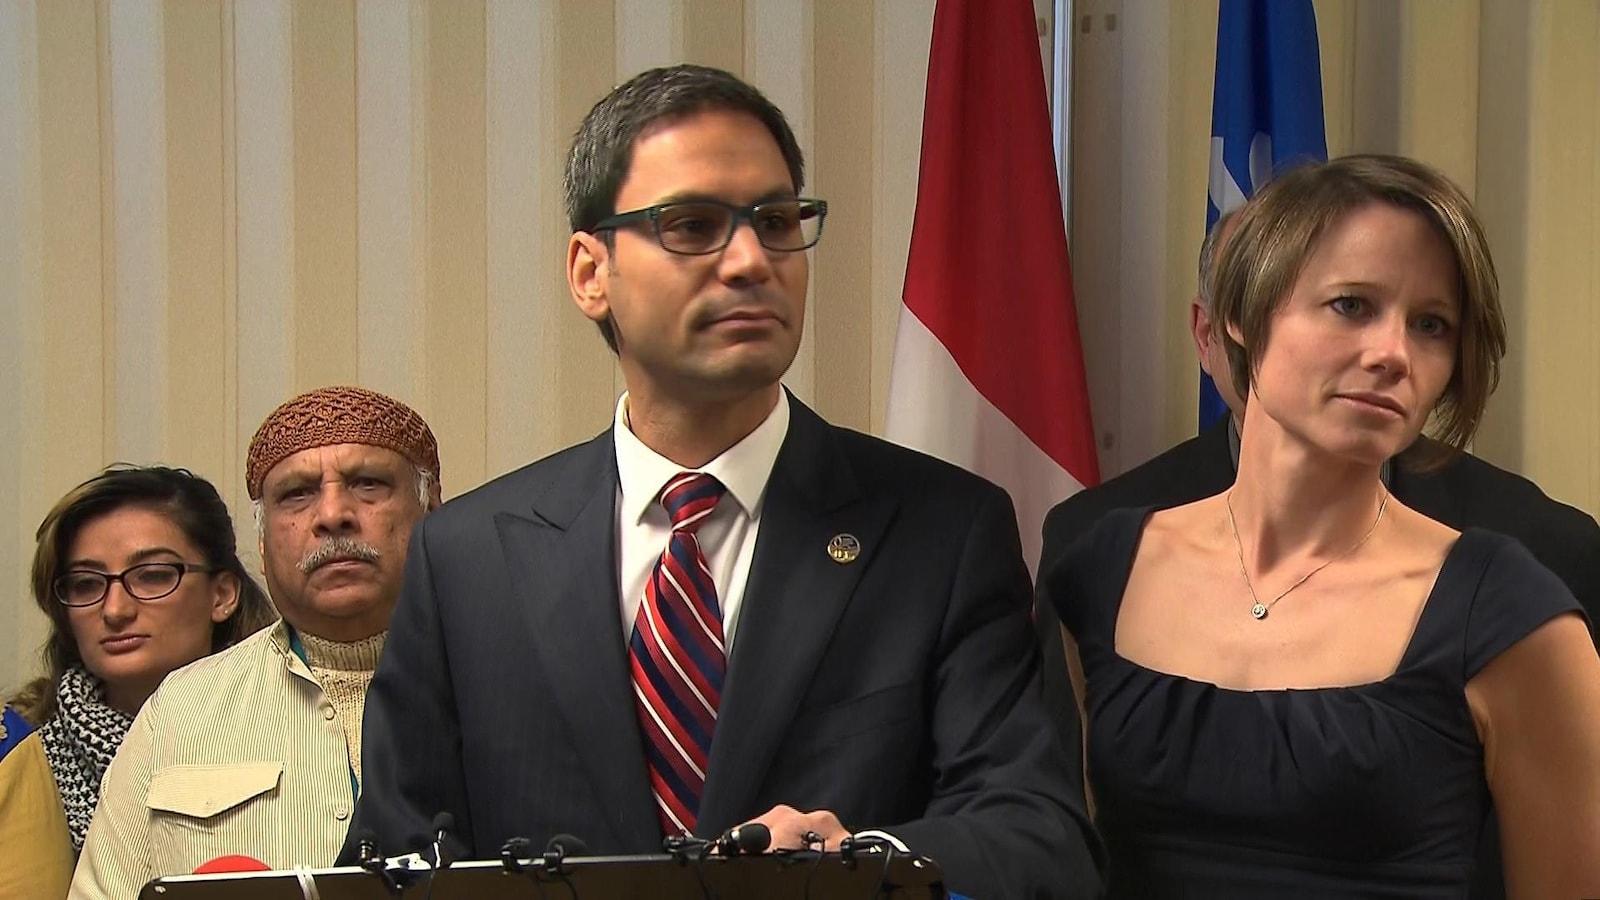 Le député Gerry Sklavounos s'adresse aux médias en compagnie de sa femme.